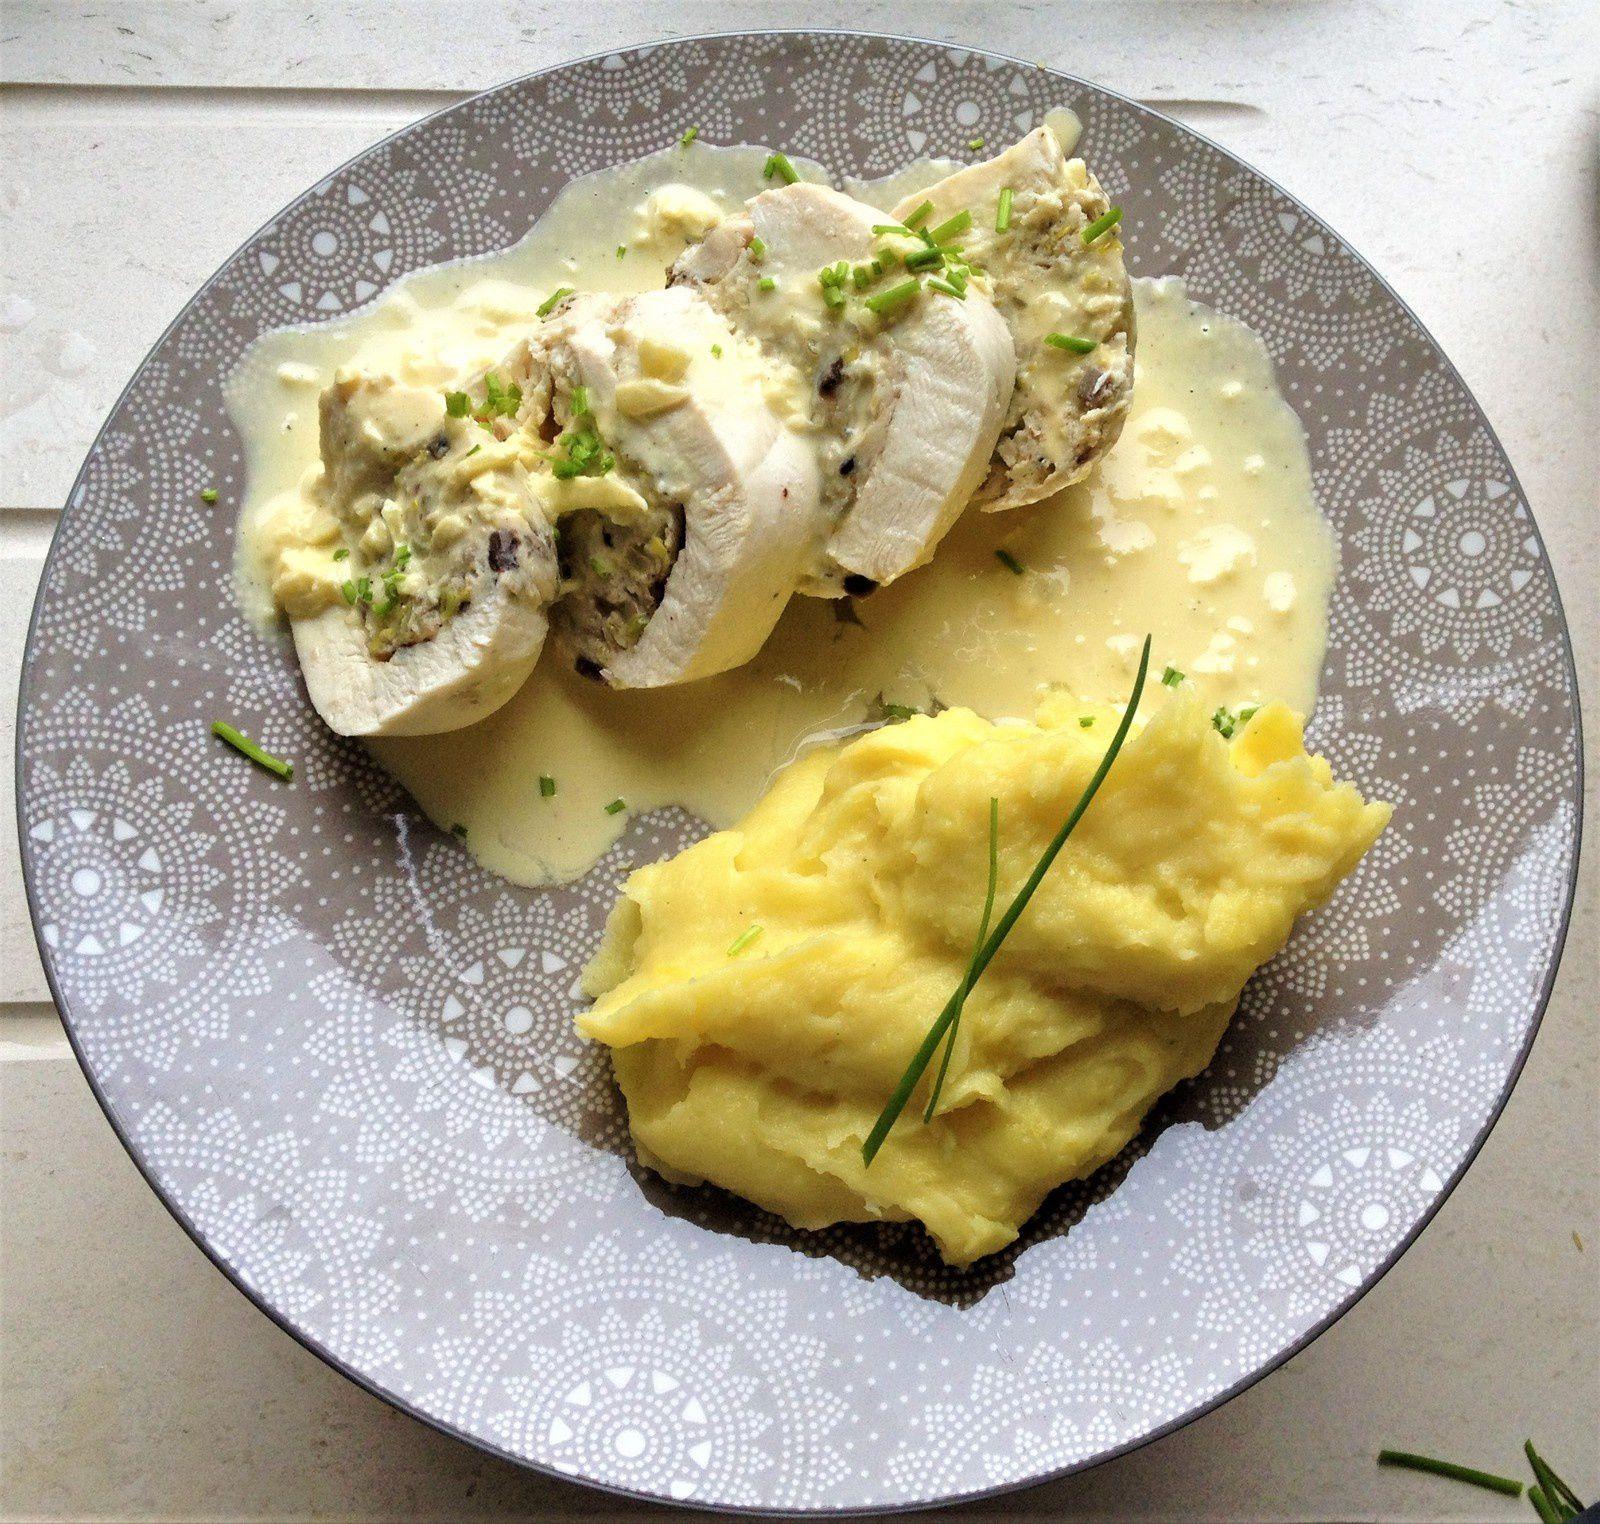 ballotin de poulet farci au chaource,champignons et blanc de poireau